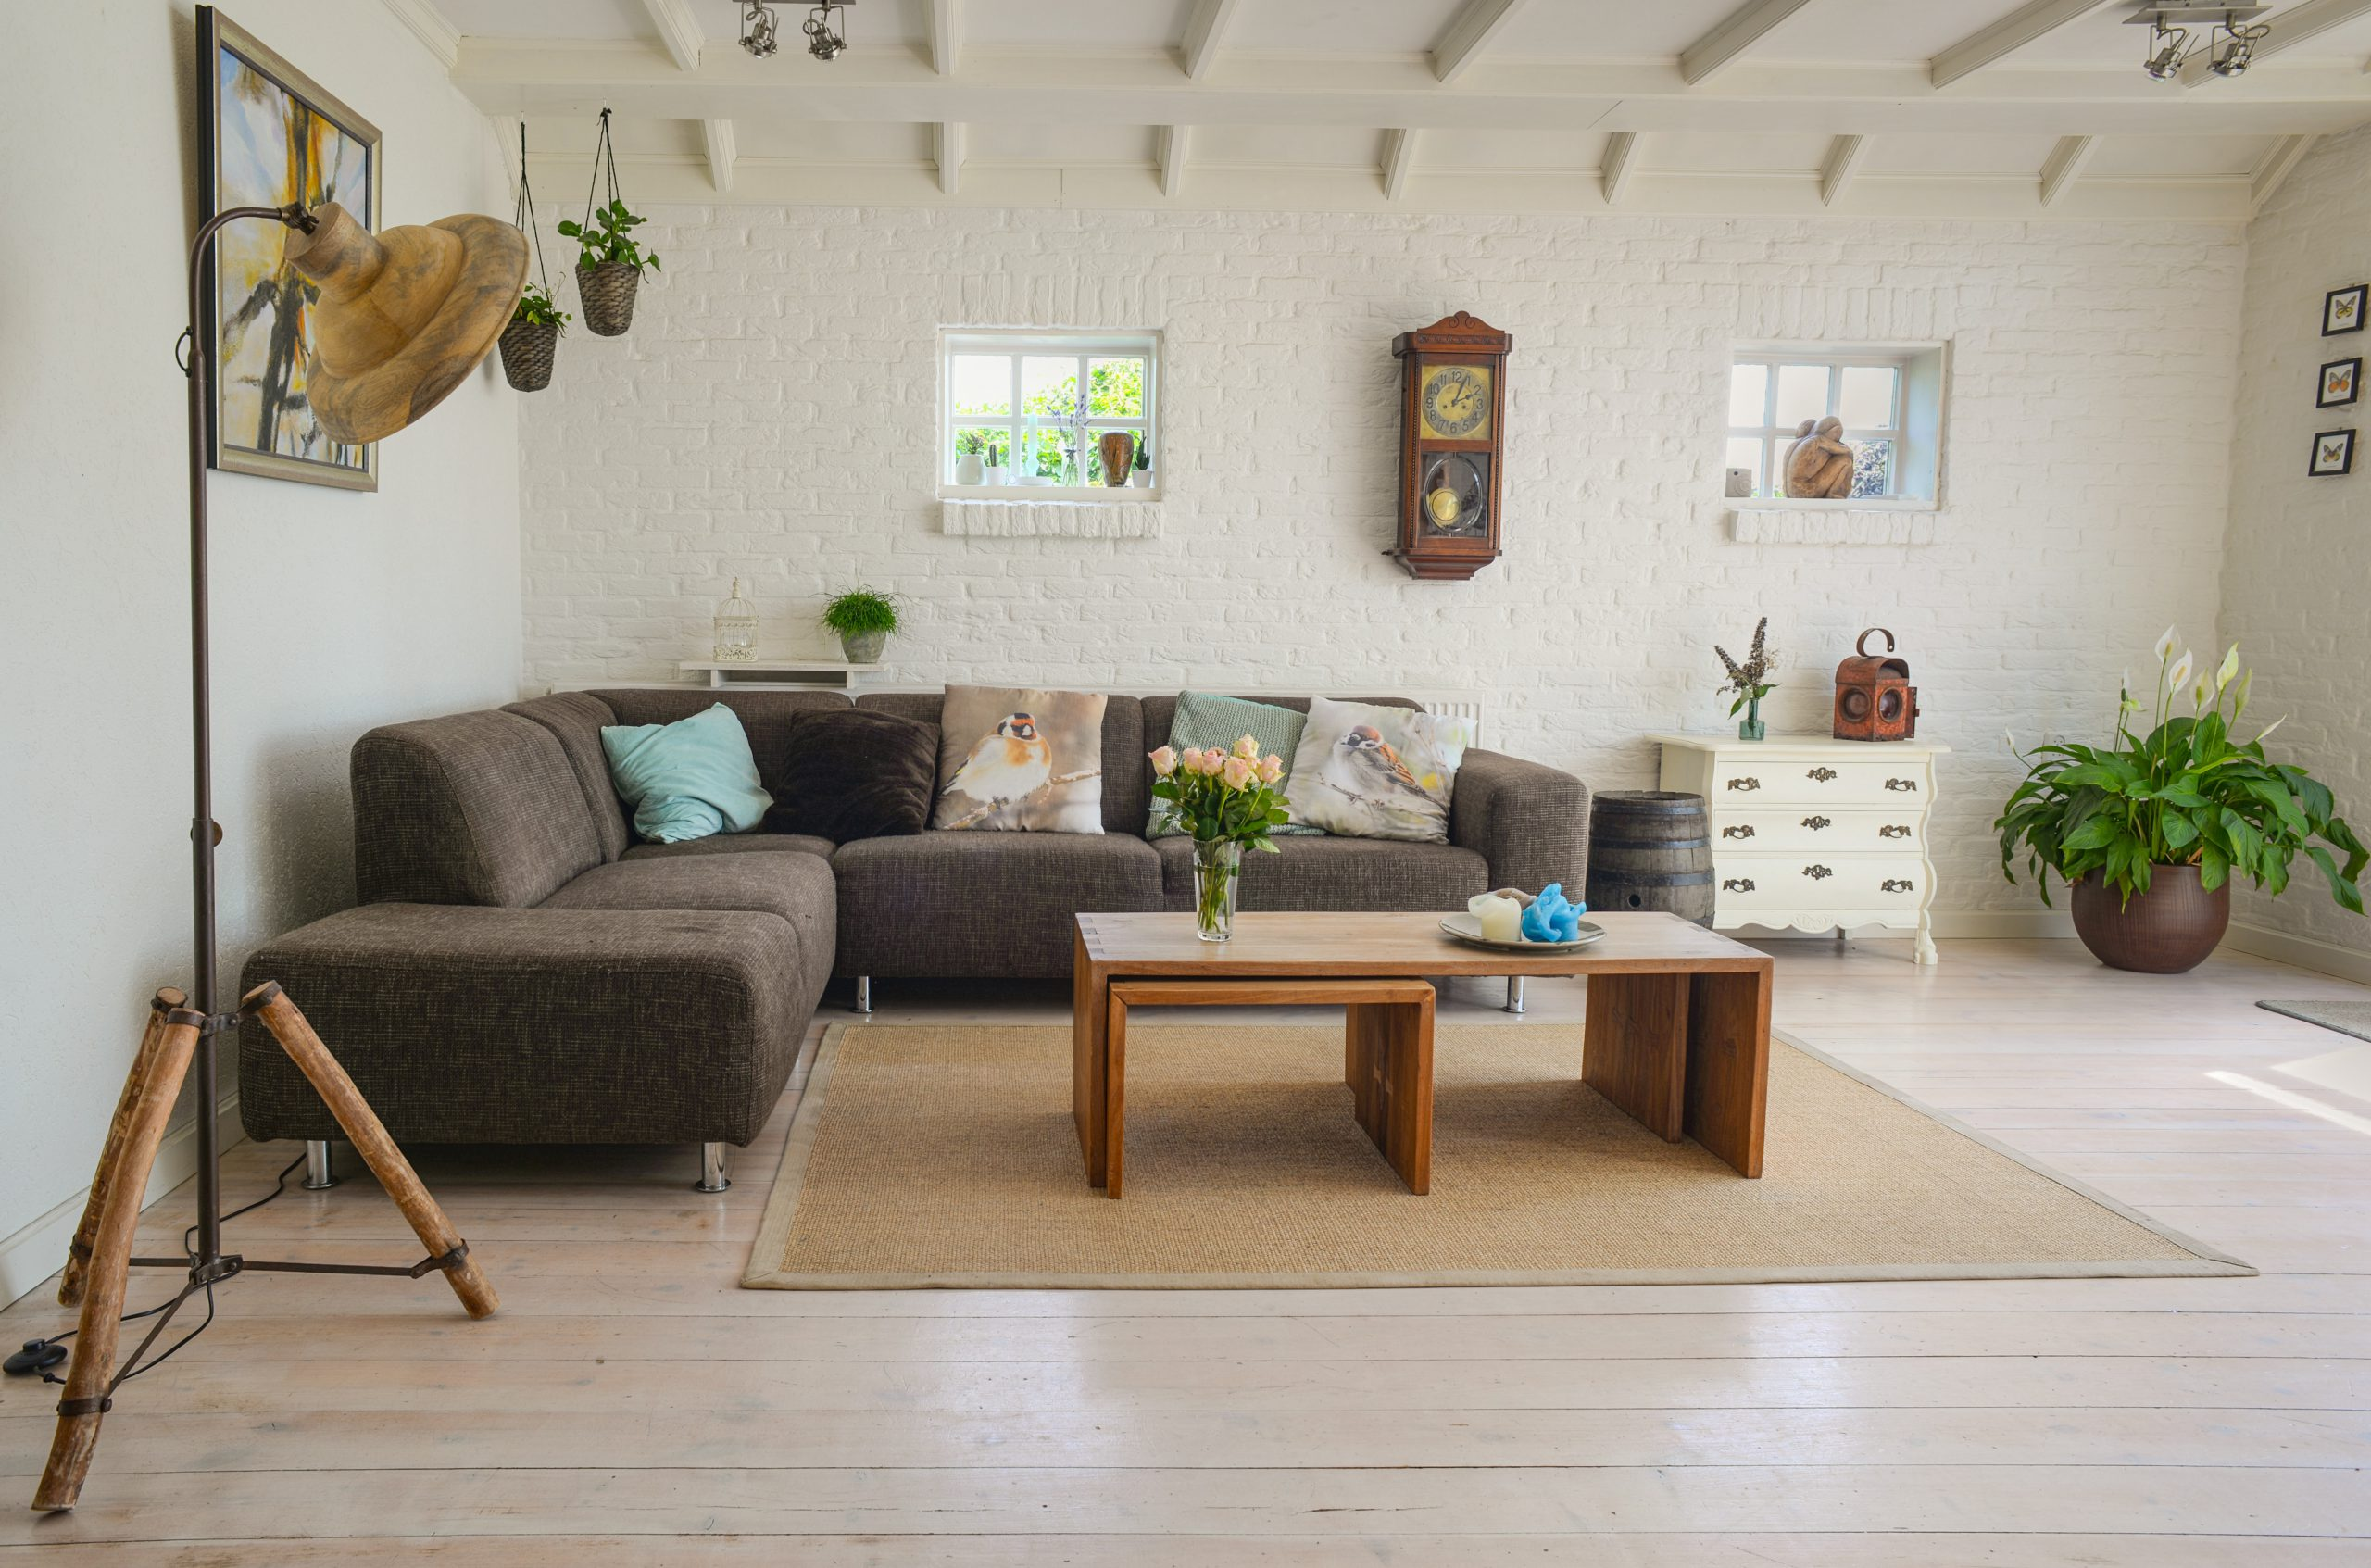 Pokój w stylu skandynawskim z klimatycznym oświetleniem